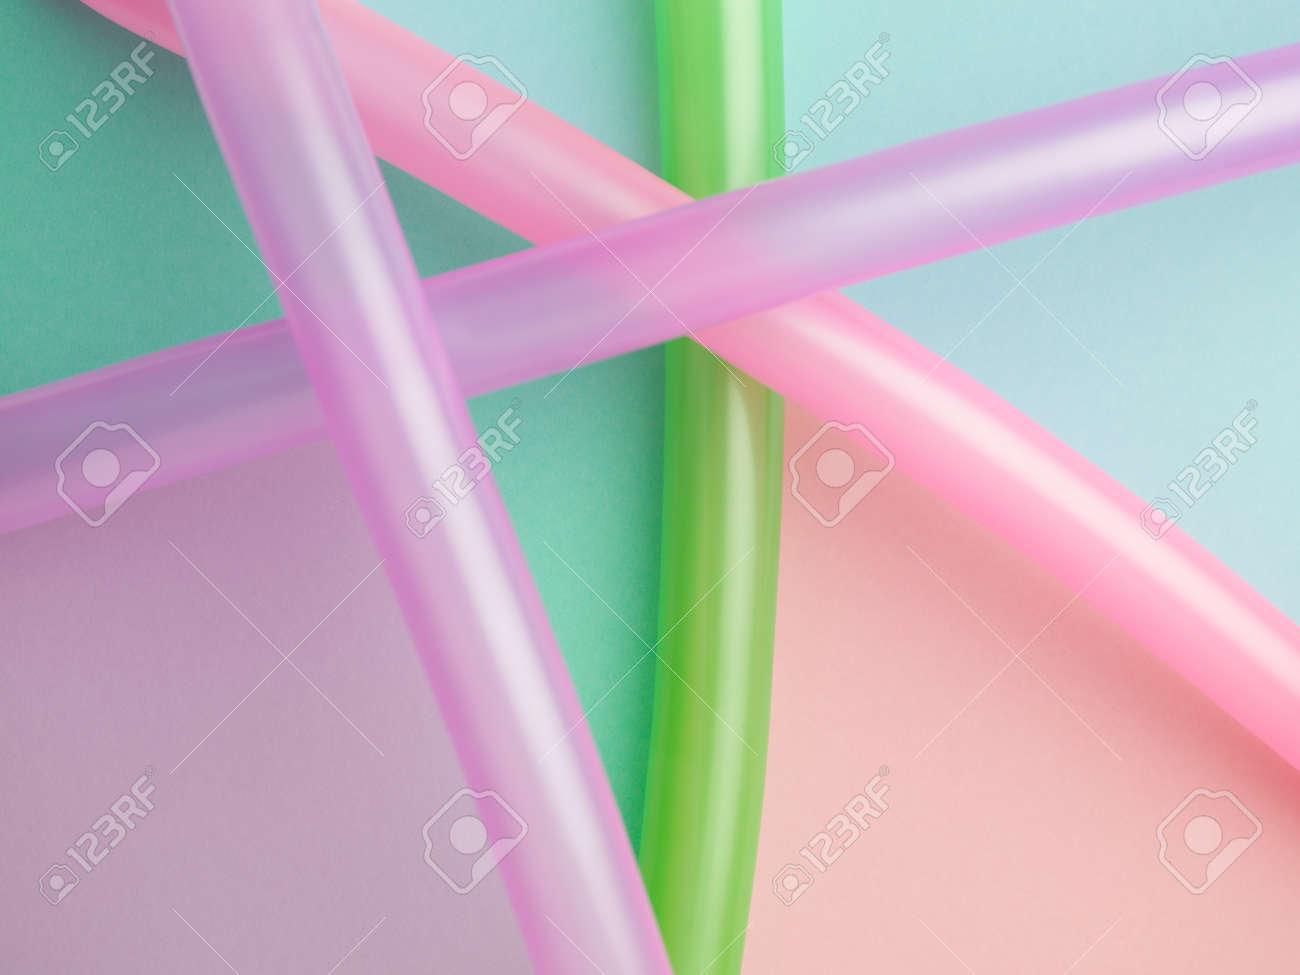 Composicion Abstracta Colorido De Globos Largos En Formas De Papel - Formas-con-globos-largos